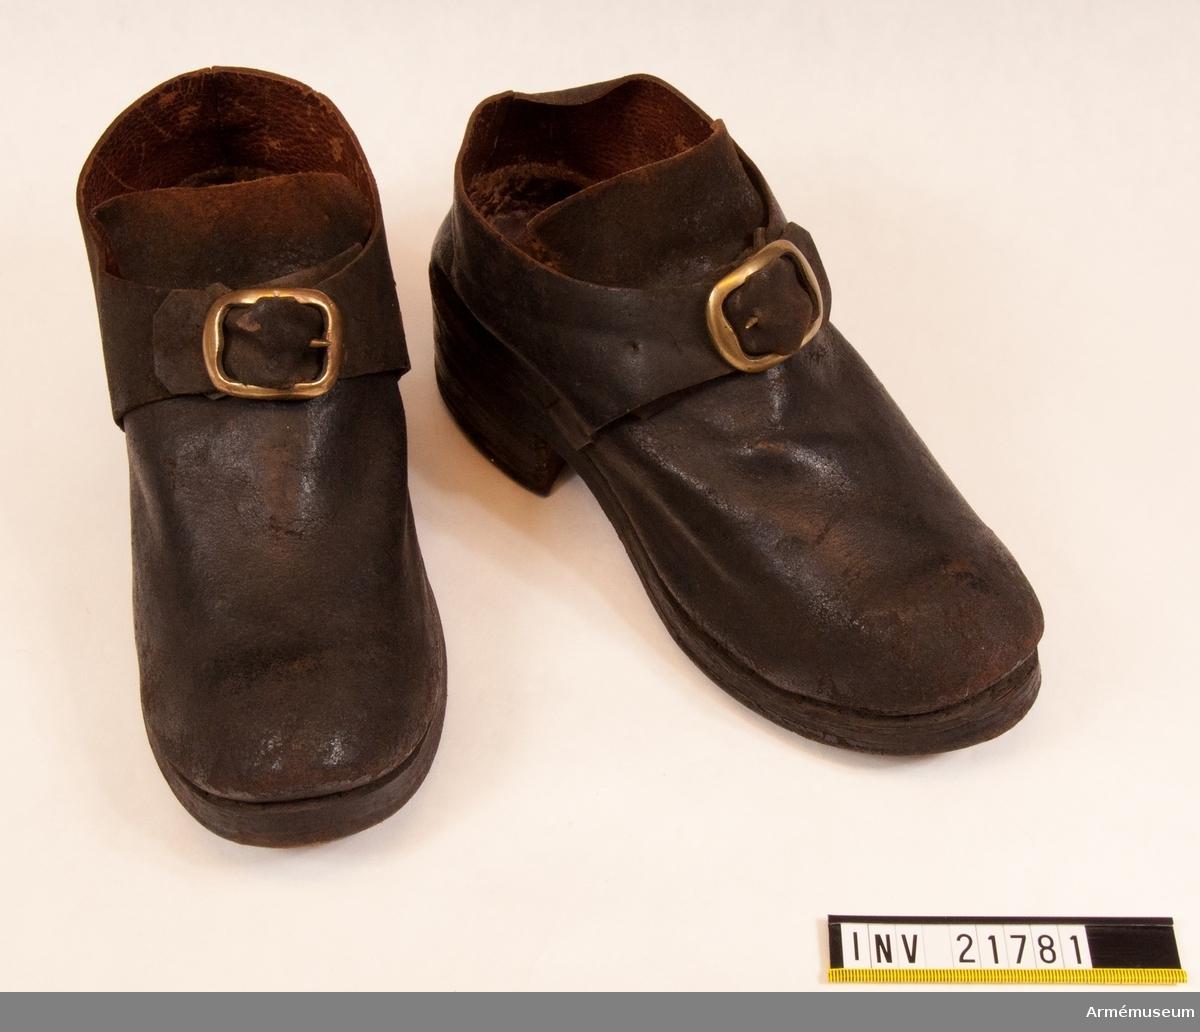 """Grupp C I. Ur uniform för spel, Hälsinge regemente. 1765-79. Består av rock, väst, knäbyxor, hatt, skor, strumpor, strumpeband, halsduk, trumma med rem, trumstockar, livgehäng, huggare. Med skospännen av mässing. Vänster sko bär rester av 7 sigill varav 4 fasthållit en modellapp, varav endast en flik återstår, där årtalet 1762 läses. De mindre röda sigillen hava varit Krigs Collegii Prof Stämpel med sluten krona. Ett större sigill i hålfoten, """"Regis Regnique Collegii"""". Sigillum välbevarat /1950-09 Adler."""